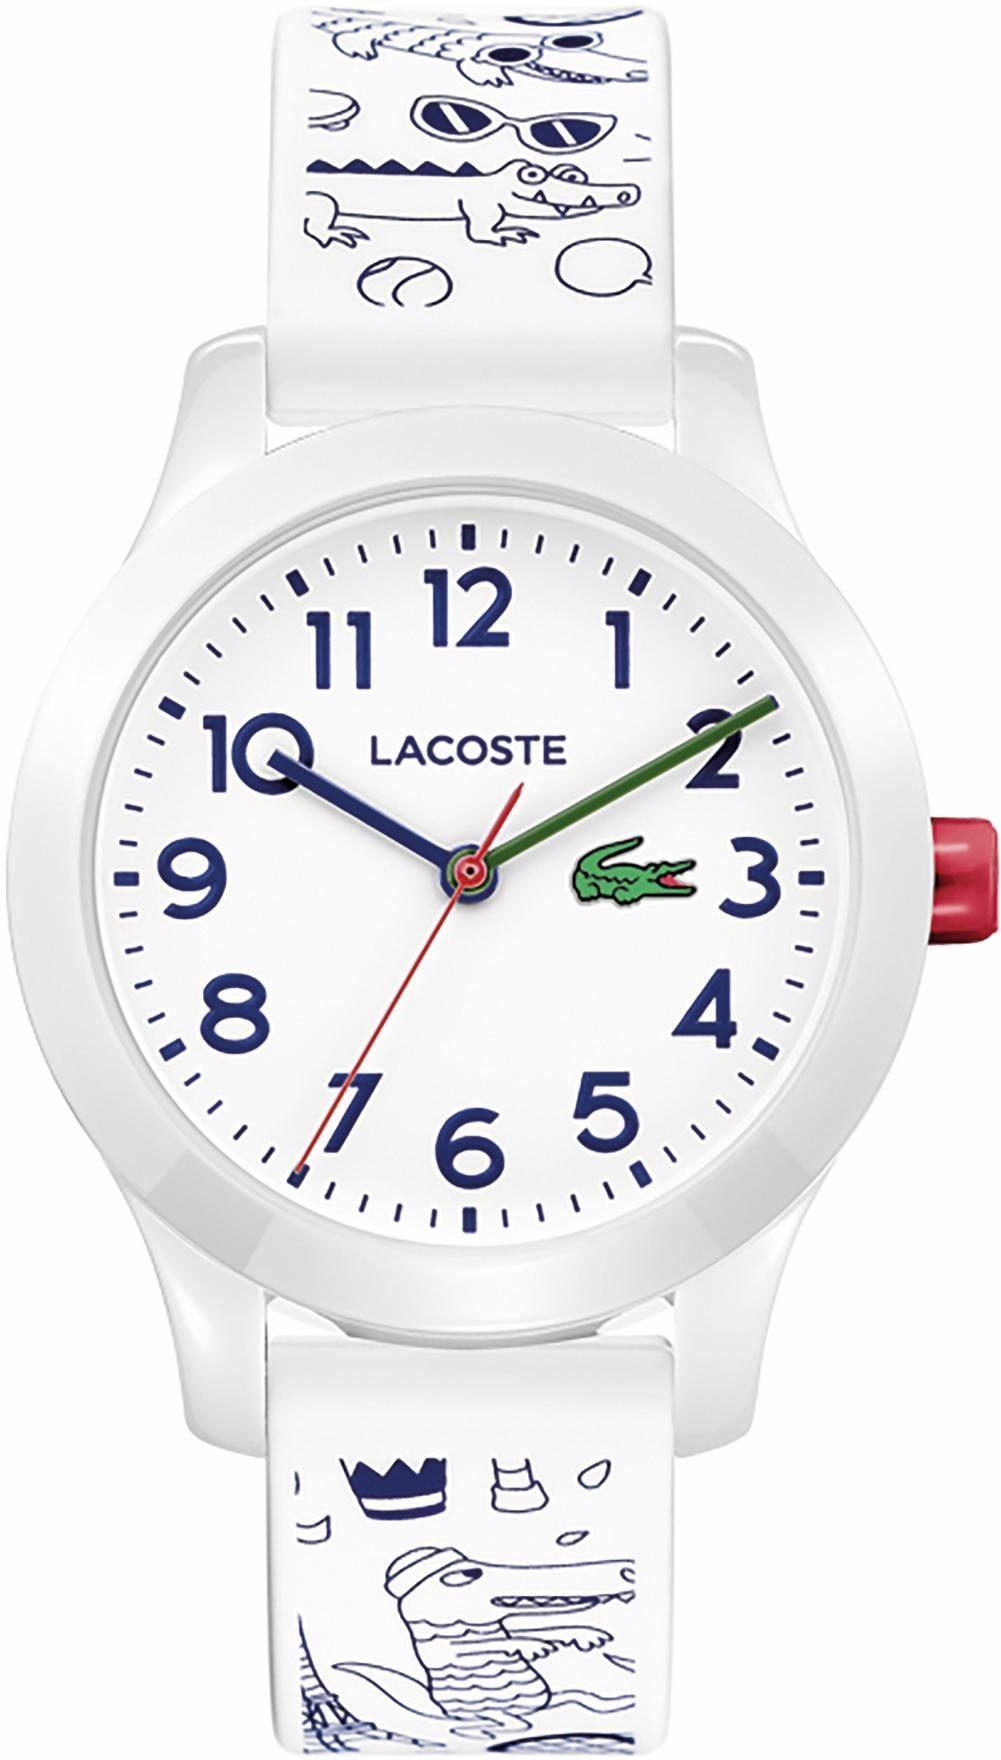 Lacoste Quarzuhr »LACOSTE.12.12 KIDS, 2030007«